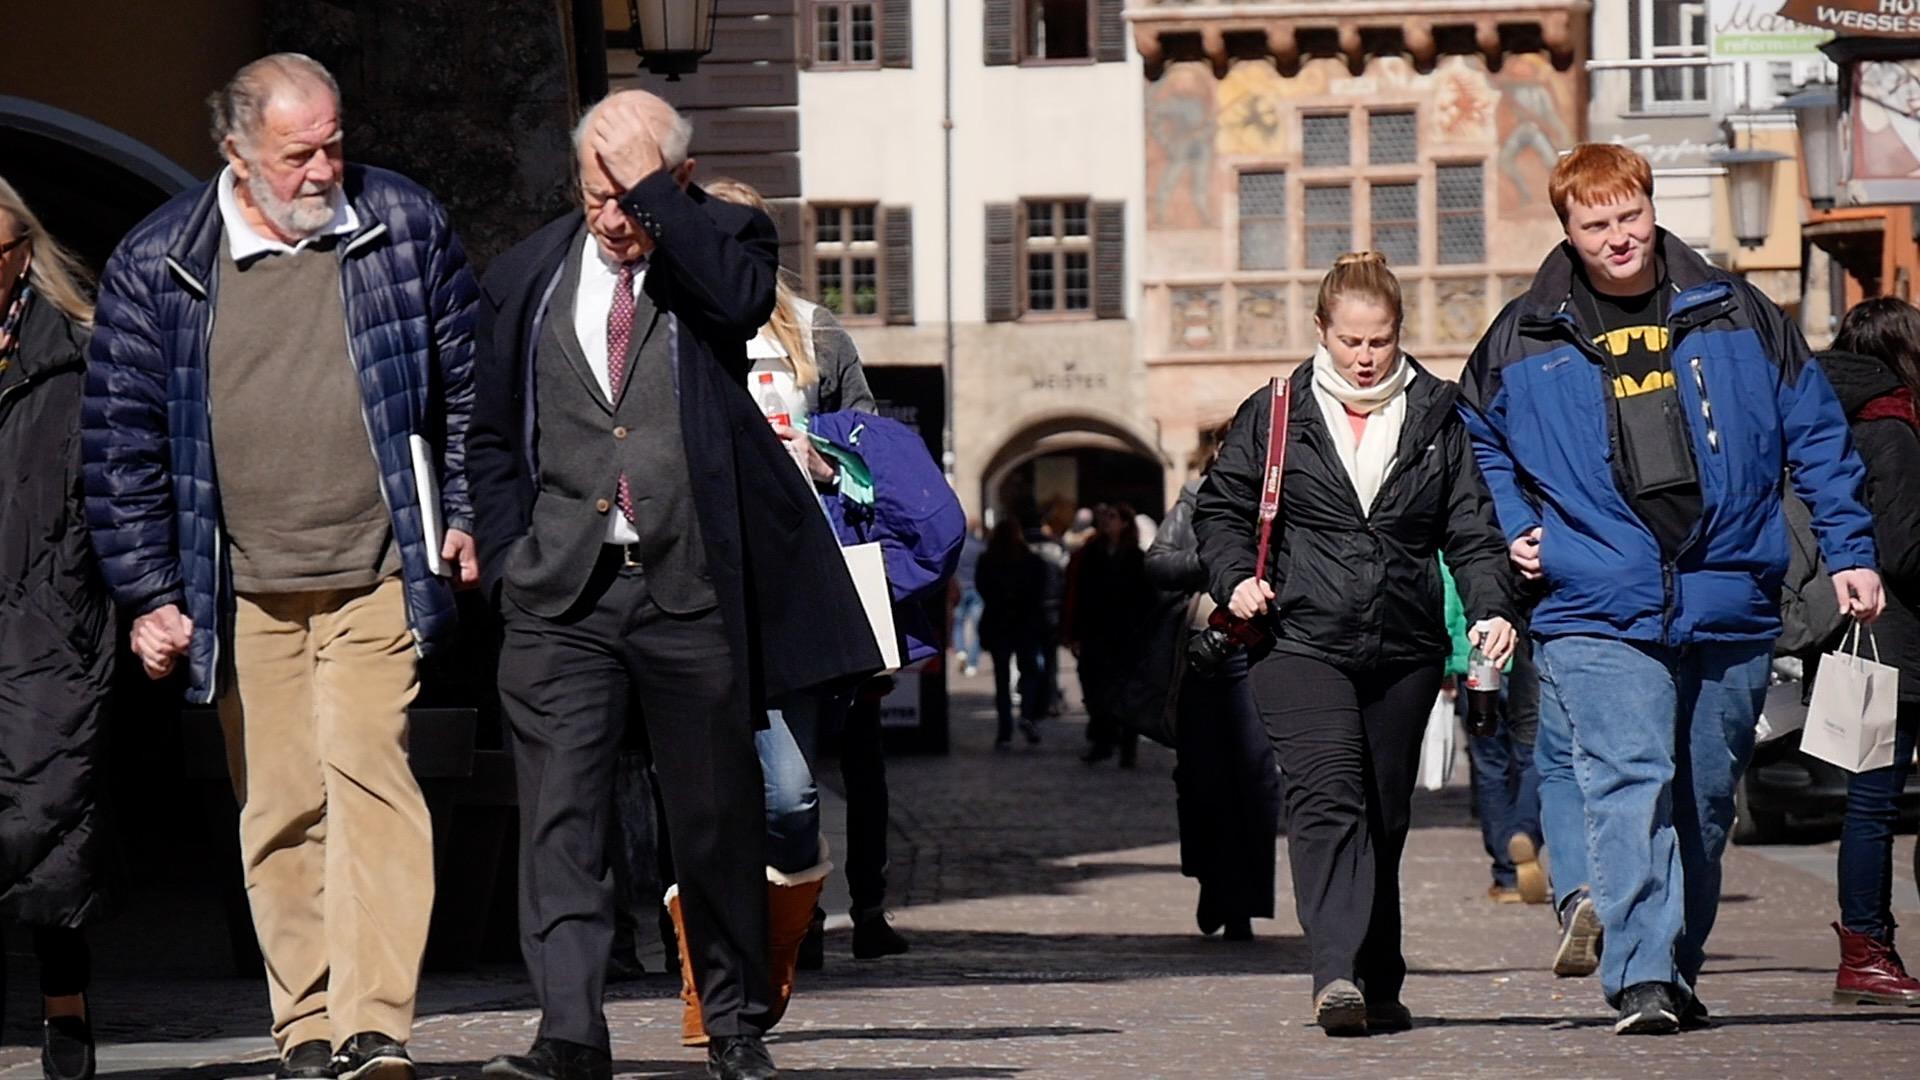 Die Tiroler werden immer älter und glauben immer weniger an das derzeitige Pensionssystem.